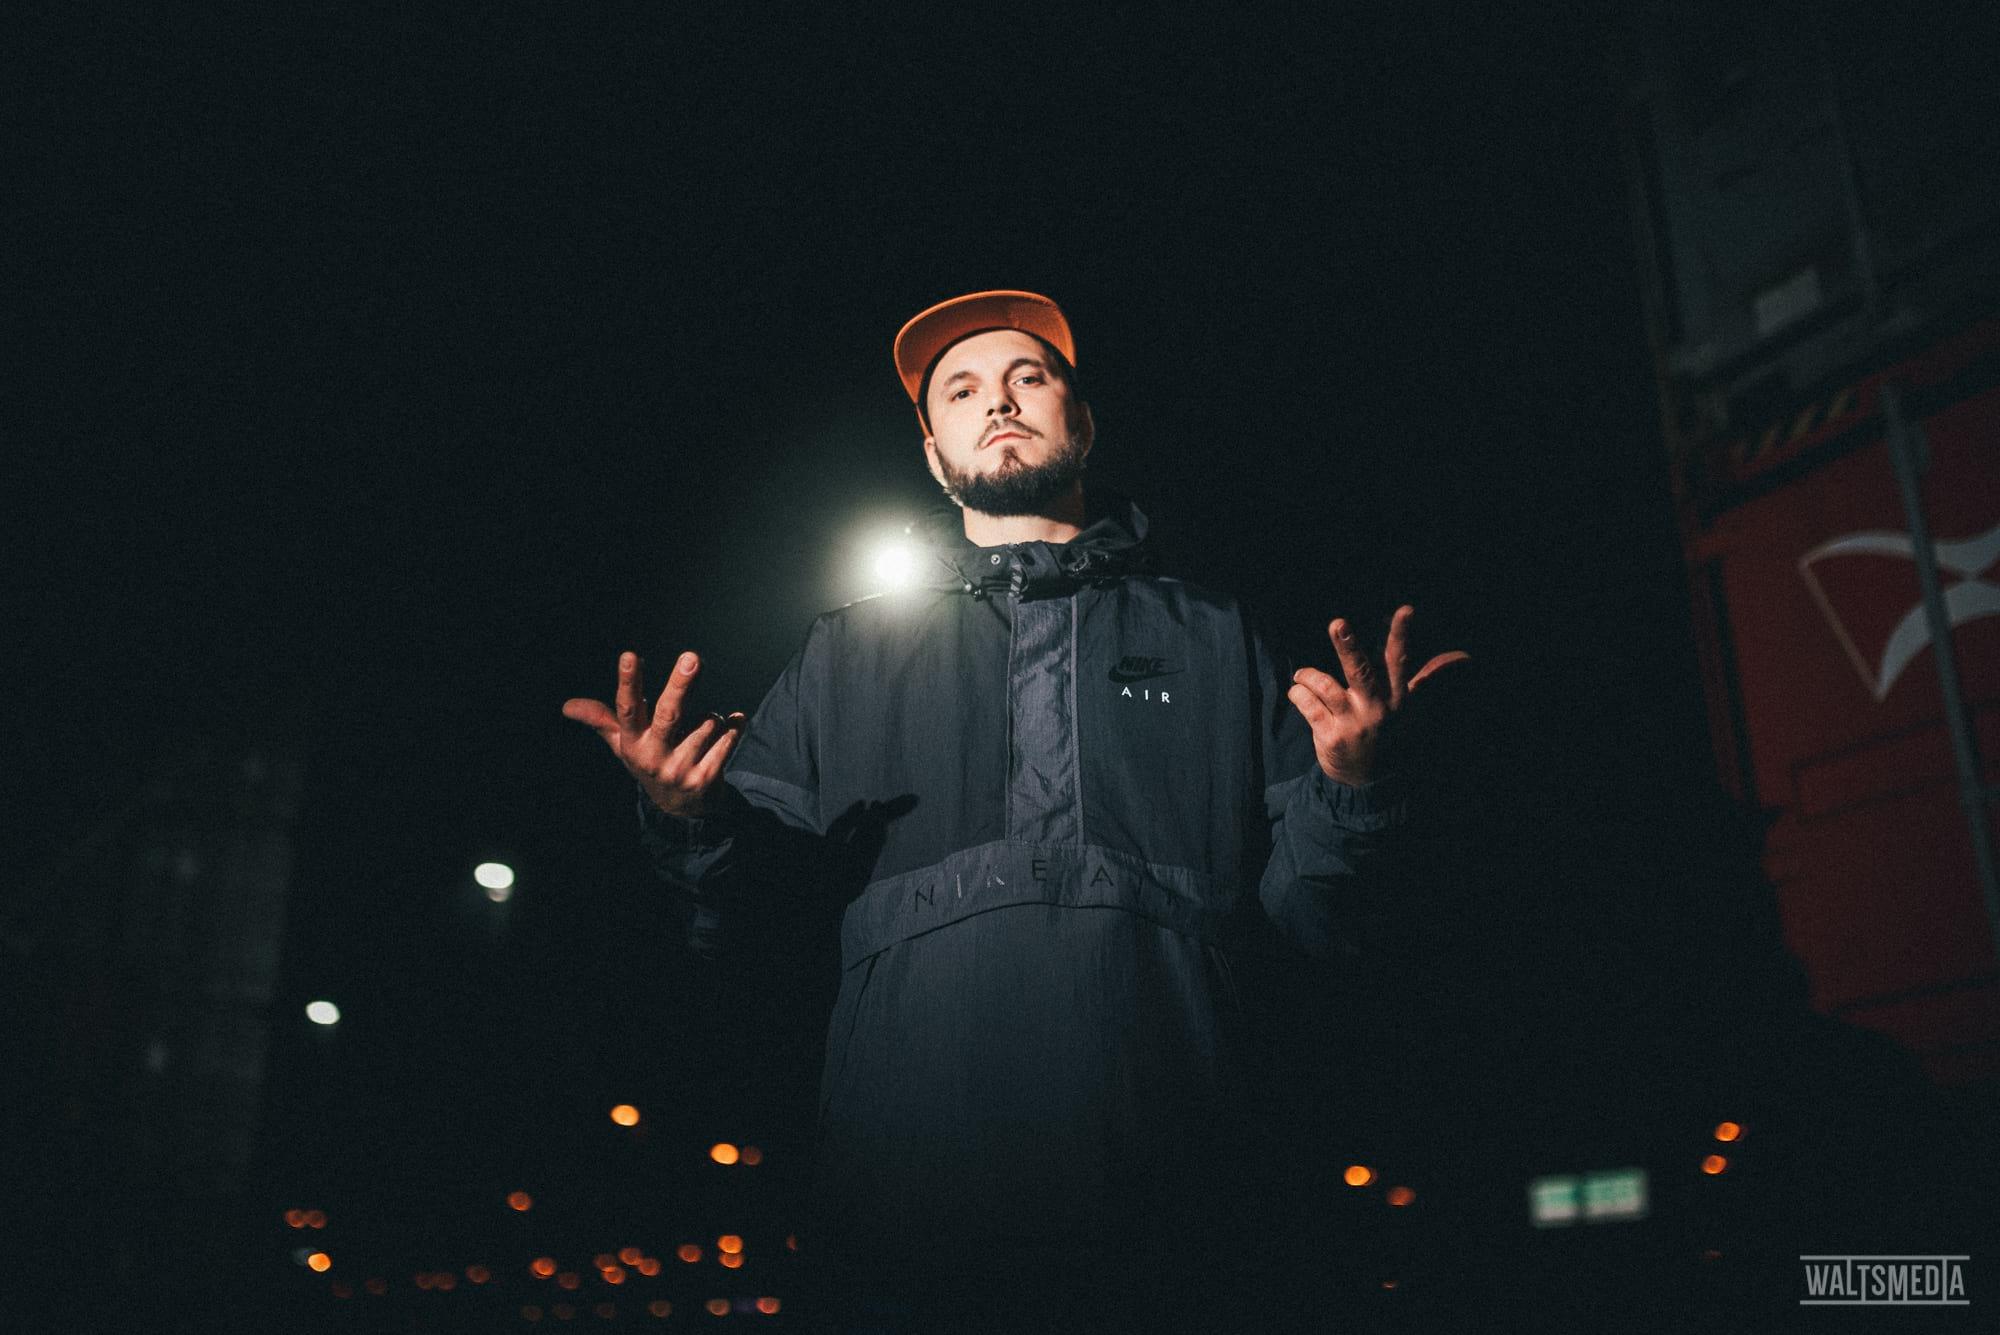 waltsmedia-berlin-night-portrait-marcel-und-andre-56